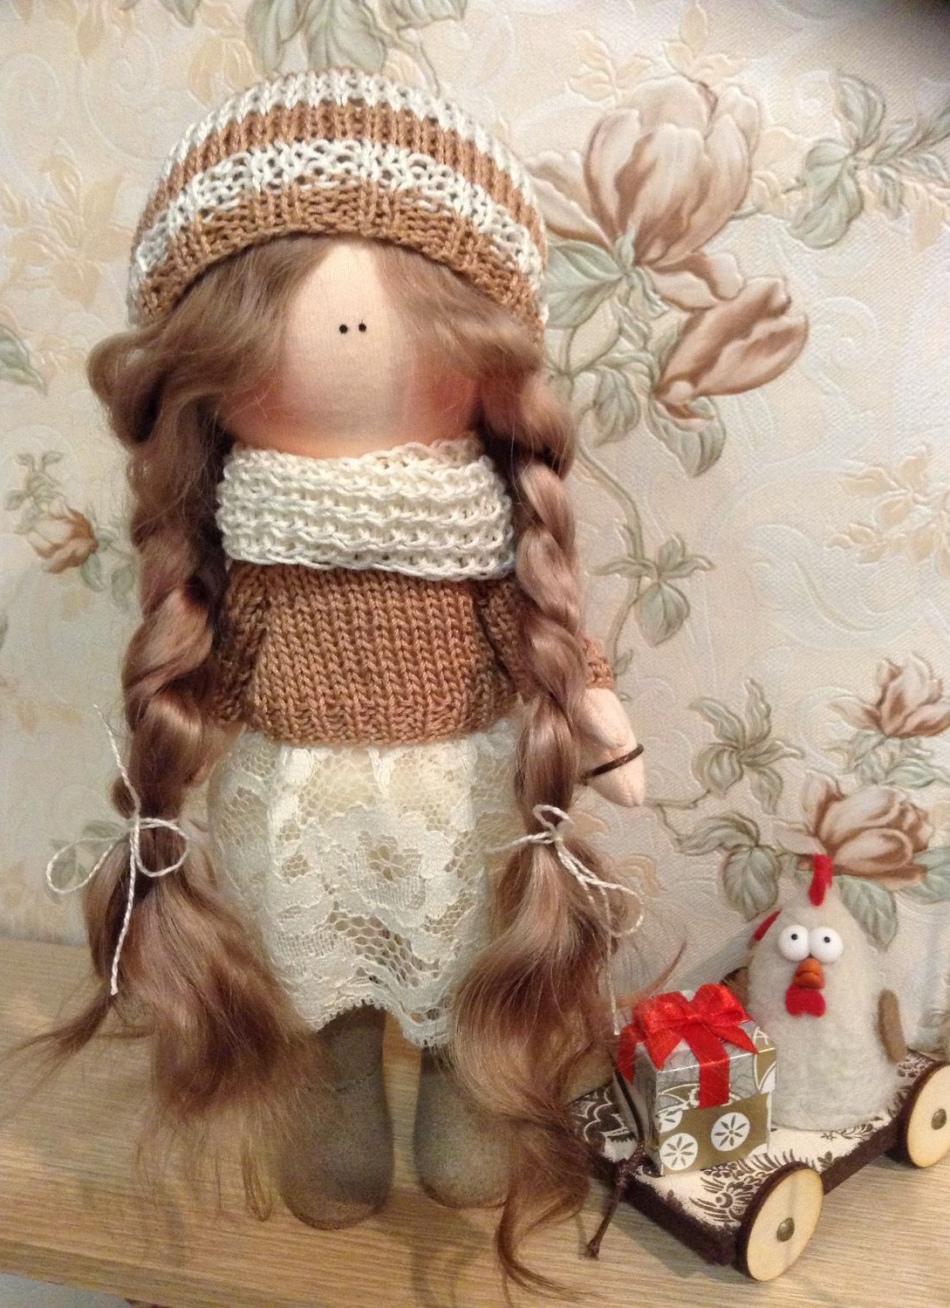 Сшить куклу интерьерную своими руками выкройки и пошаговая инструкция